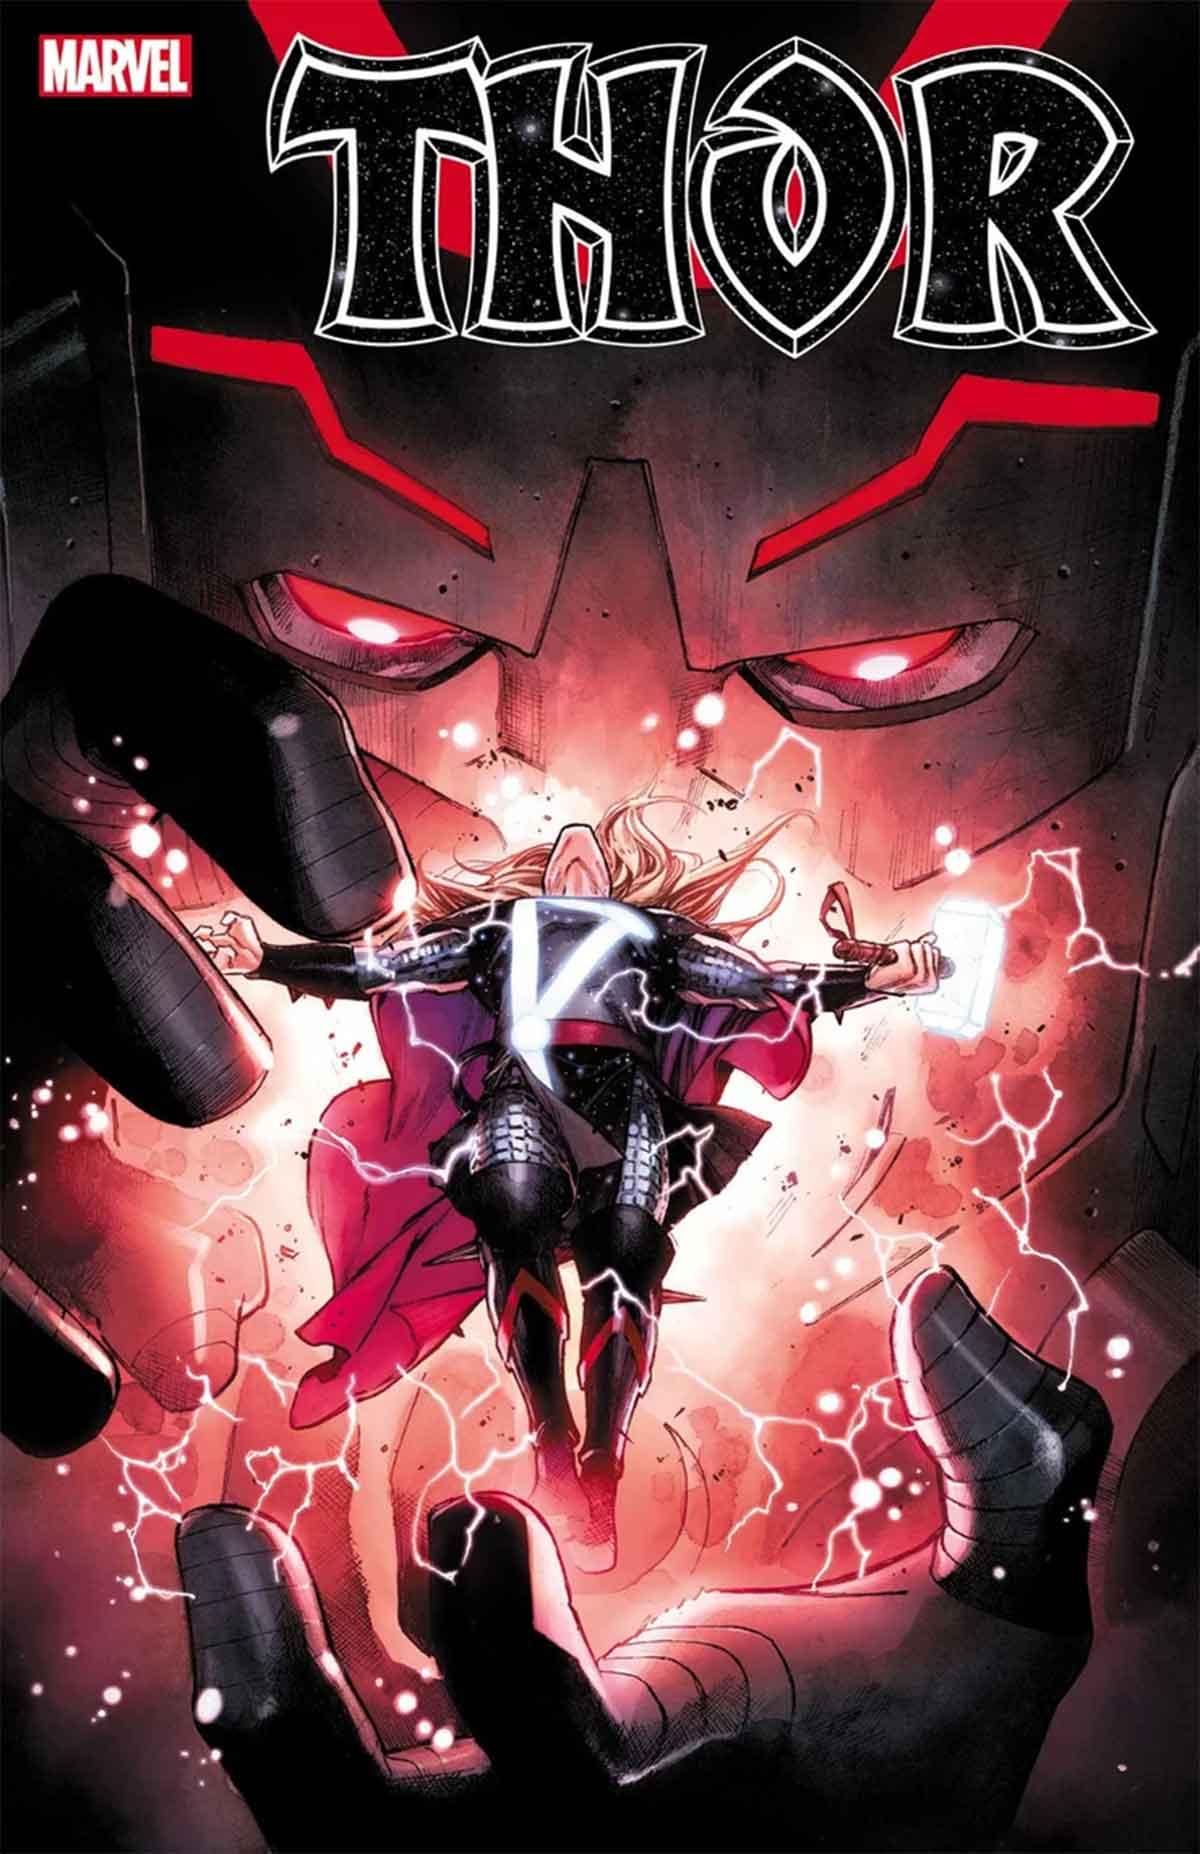 Marvel revela la verdad sobre el nuevo Thor